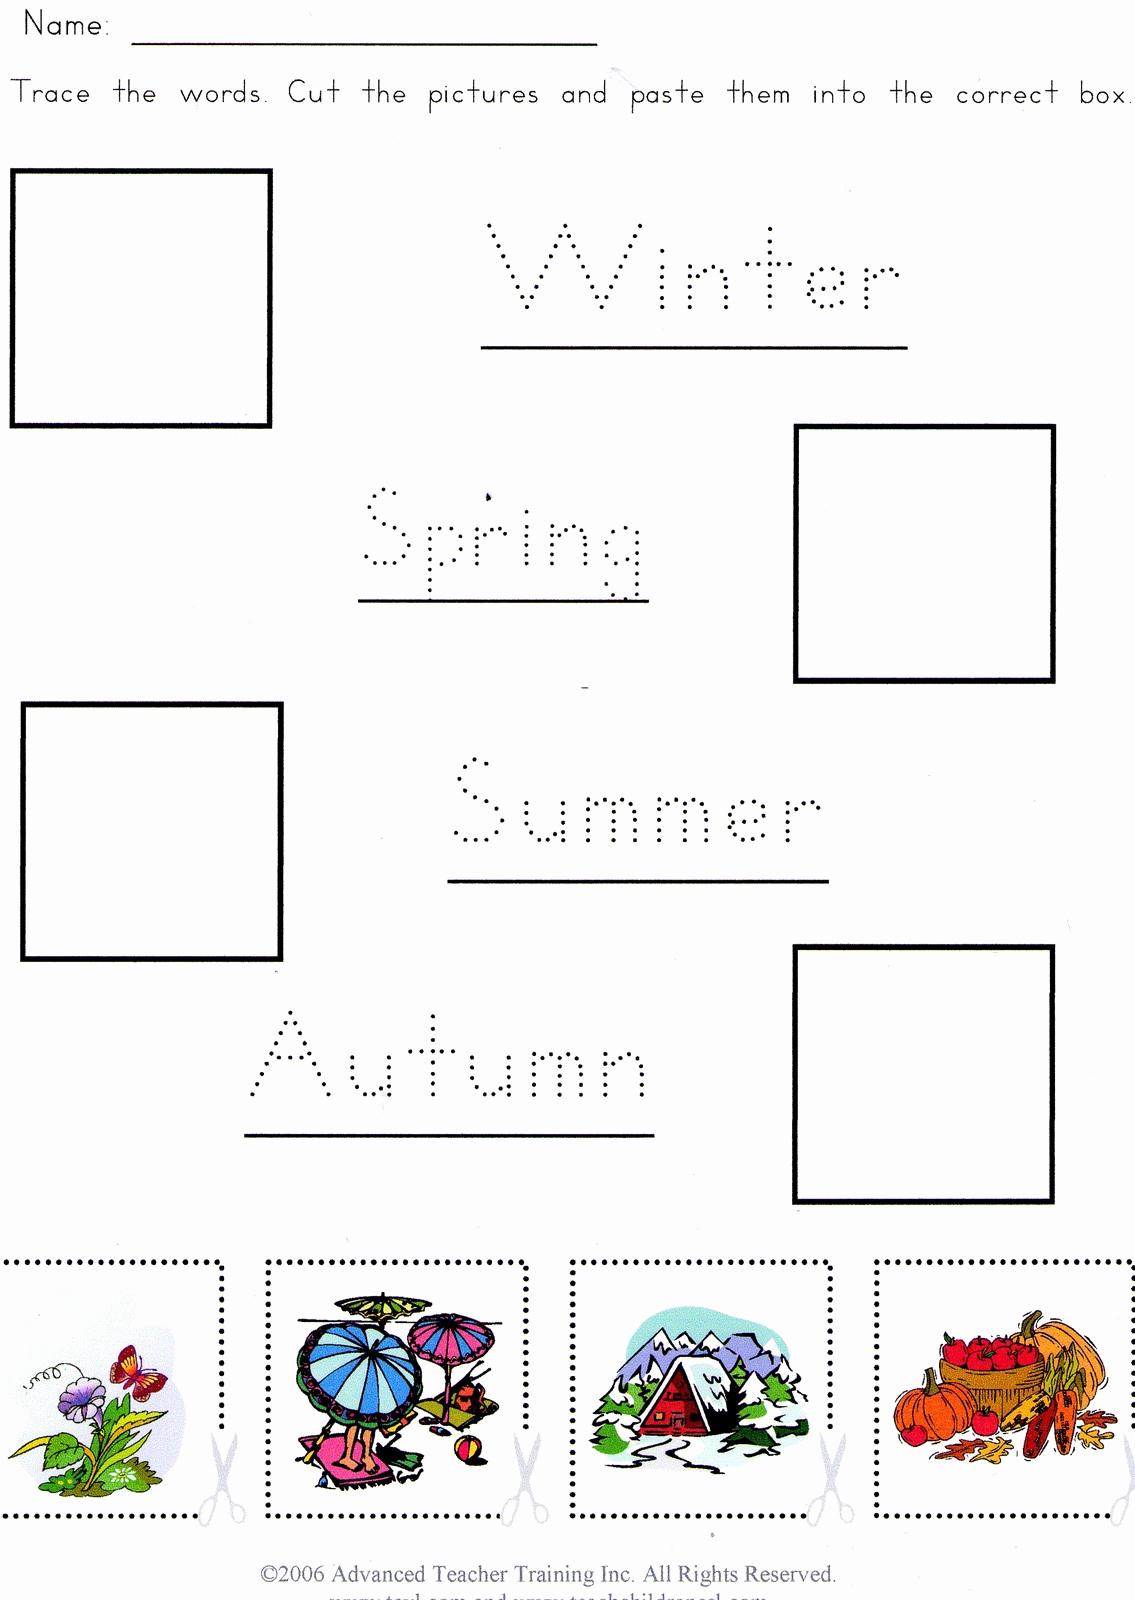 Seasons Worksheets for Preschoolers Lovely Joinin Speakup Teachernick Seasons Video for Kids and